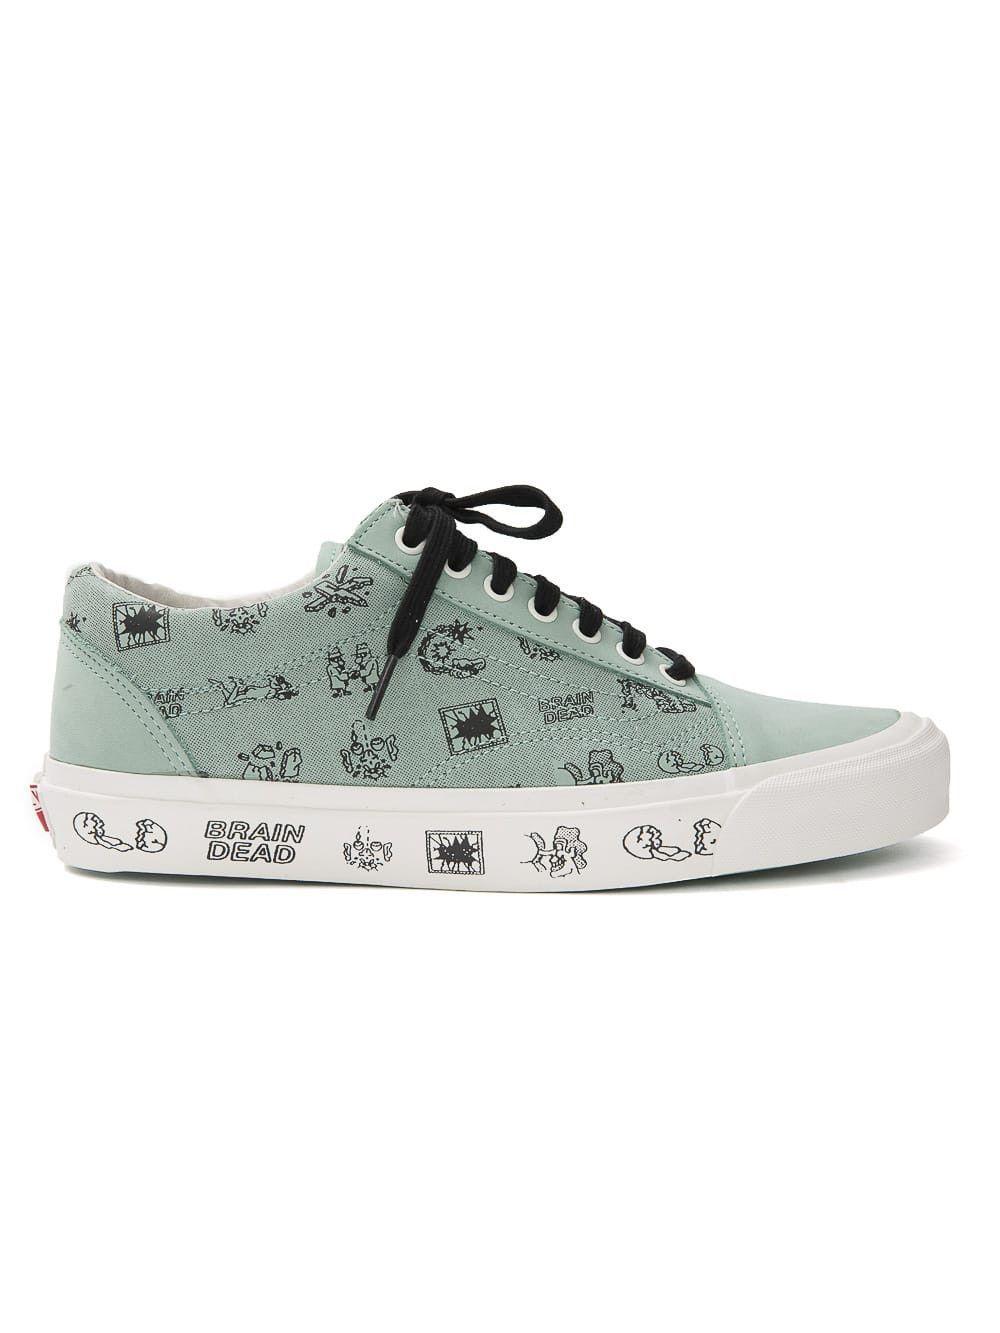 90af840b671428 VANS Vans x Brain Dead Old Skool sneakers.  vans  shoes   Mens Leather